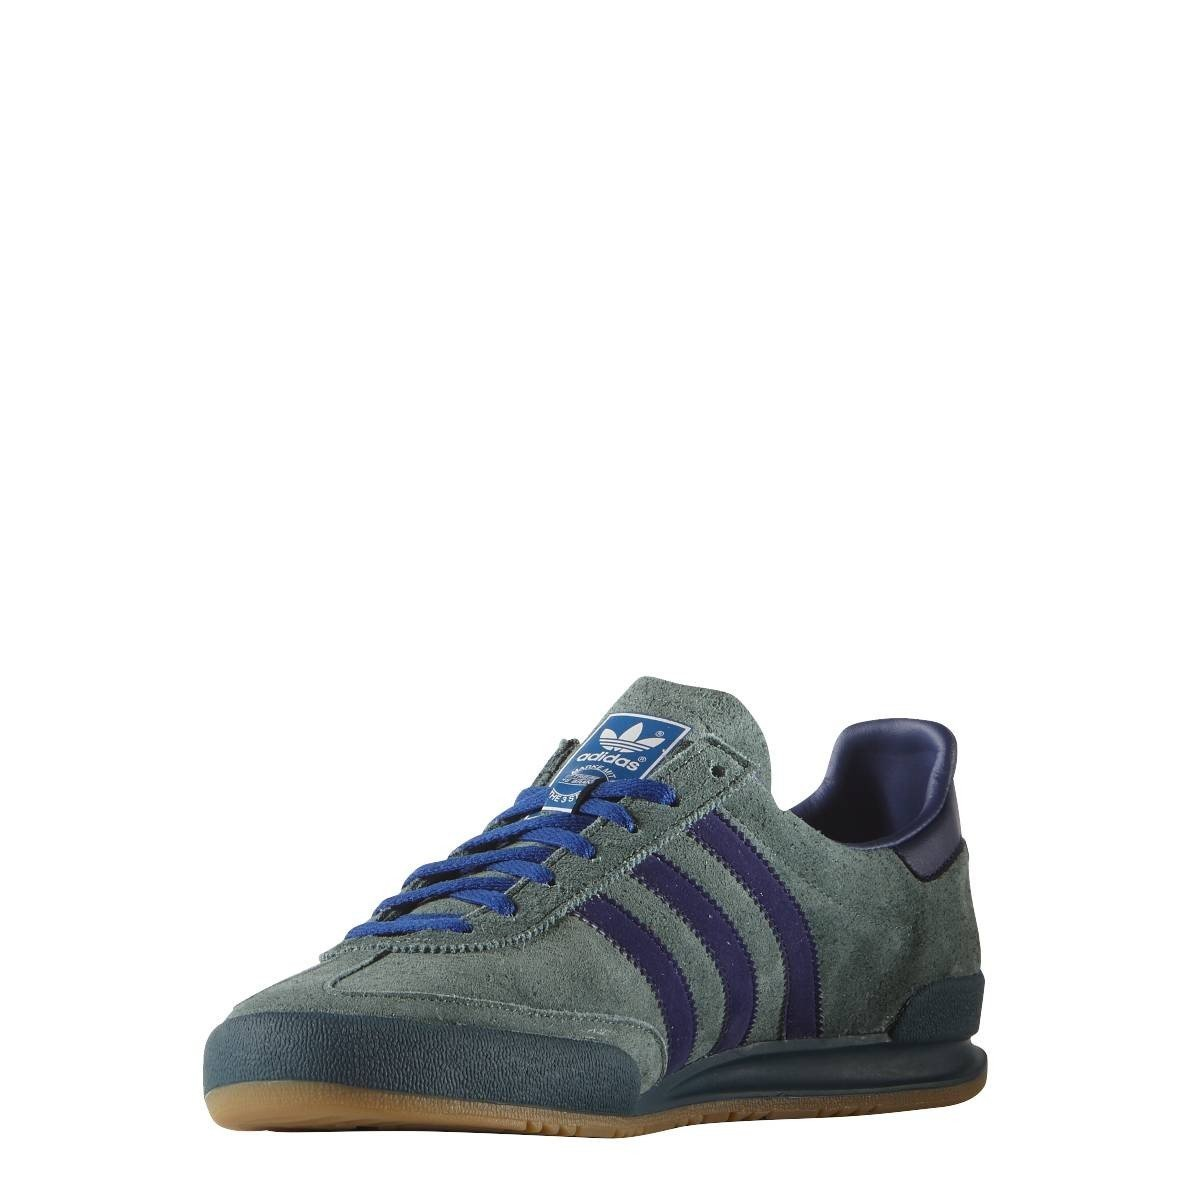 3a89c3dd6656e adidas Jeans MKII, Vista Green/Dark Blue/Viridian